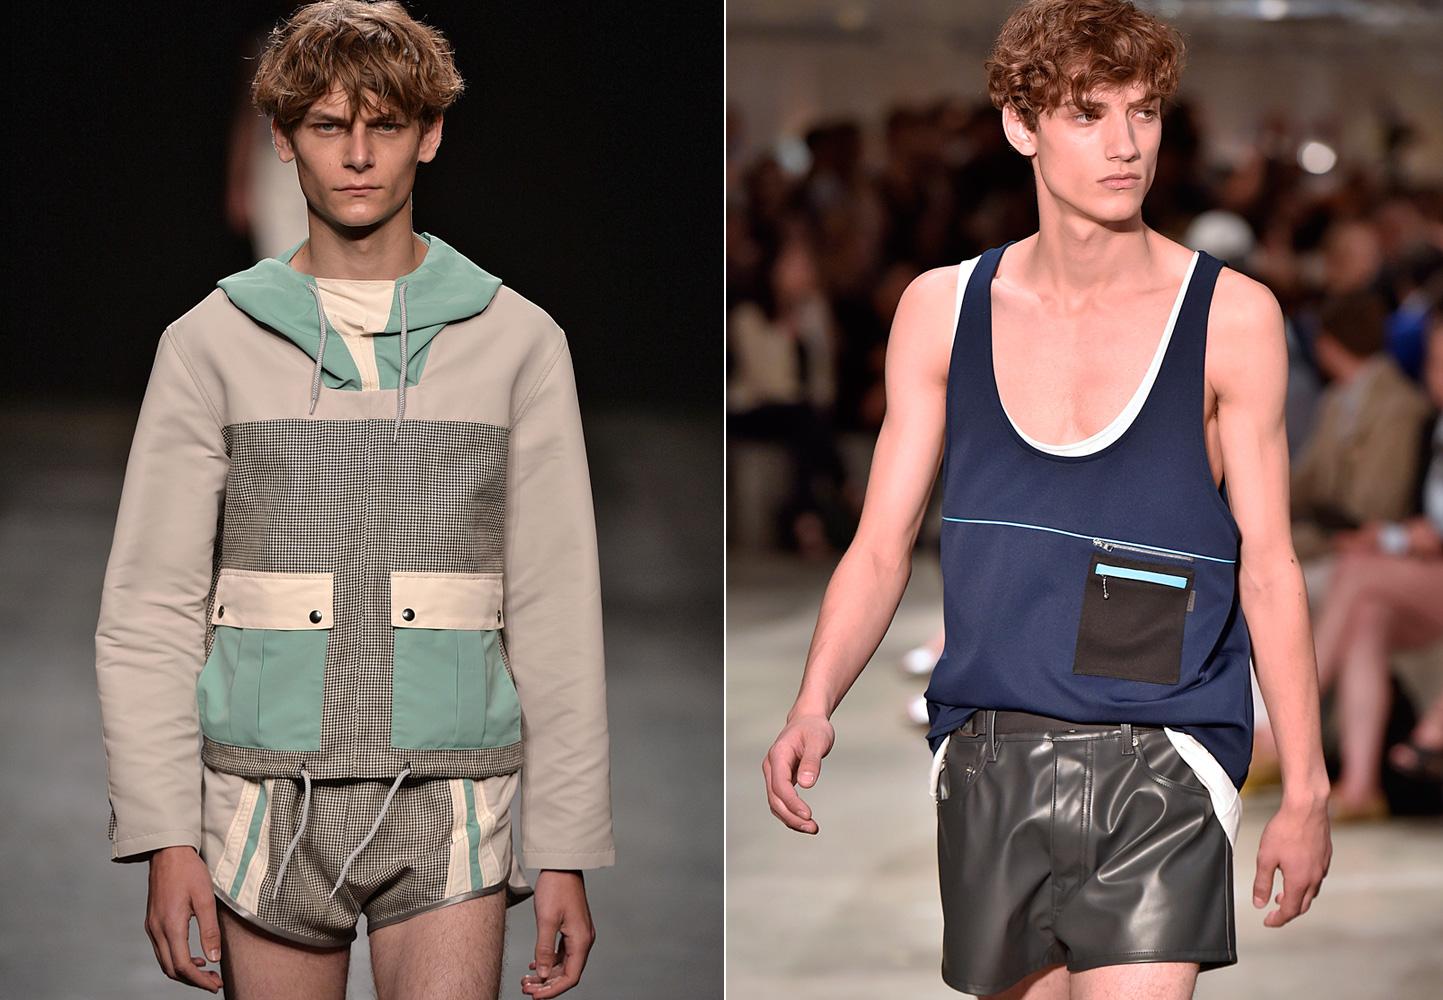 Tendencia-shorts-street-style-como-usar-desfile-prada-topshop